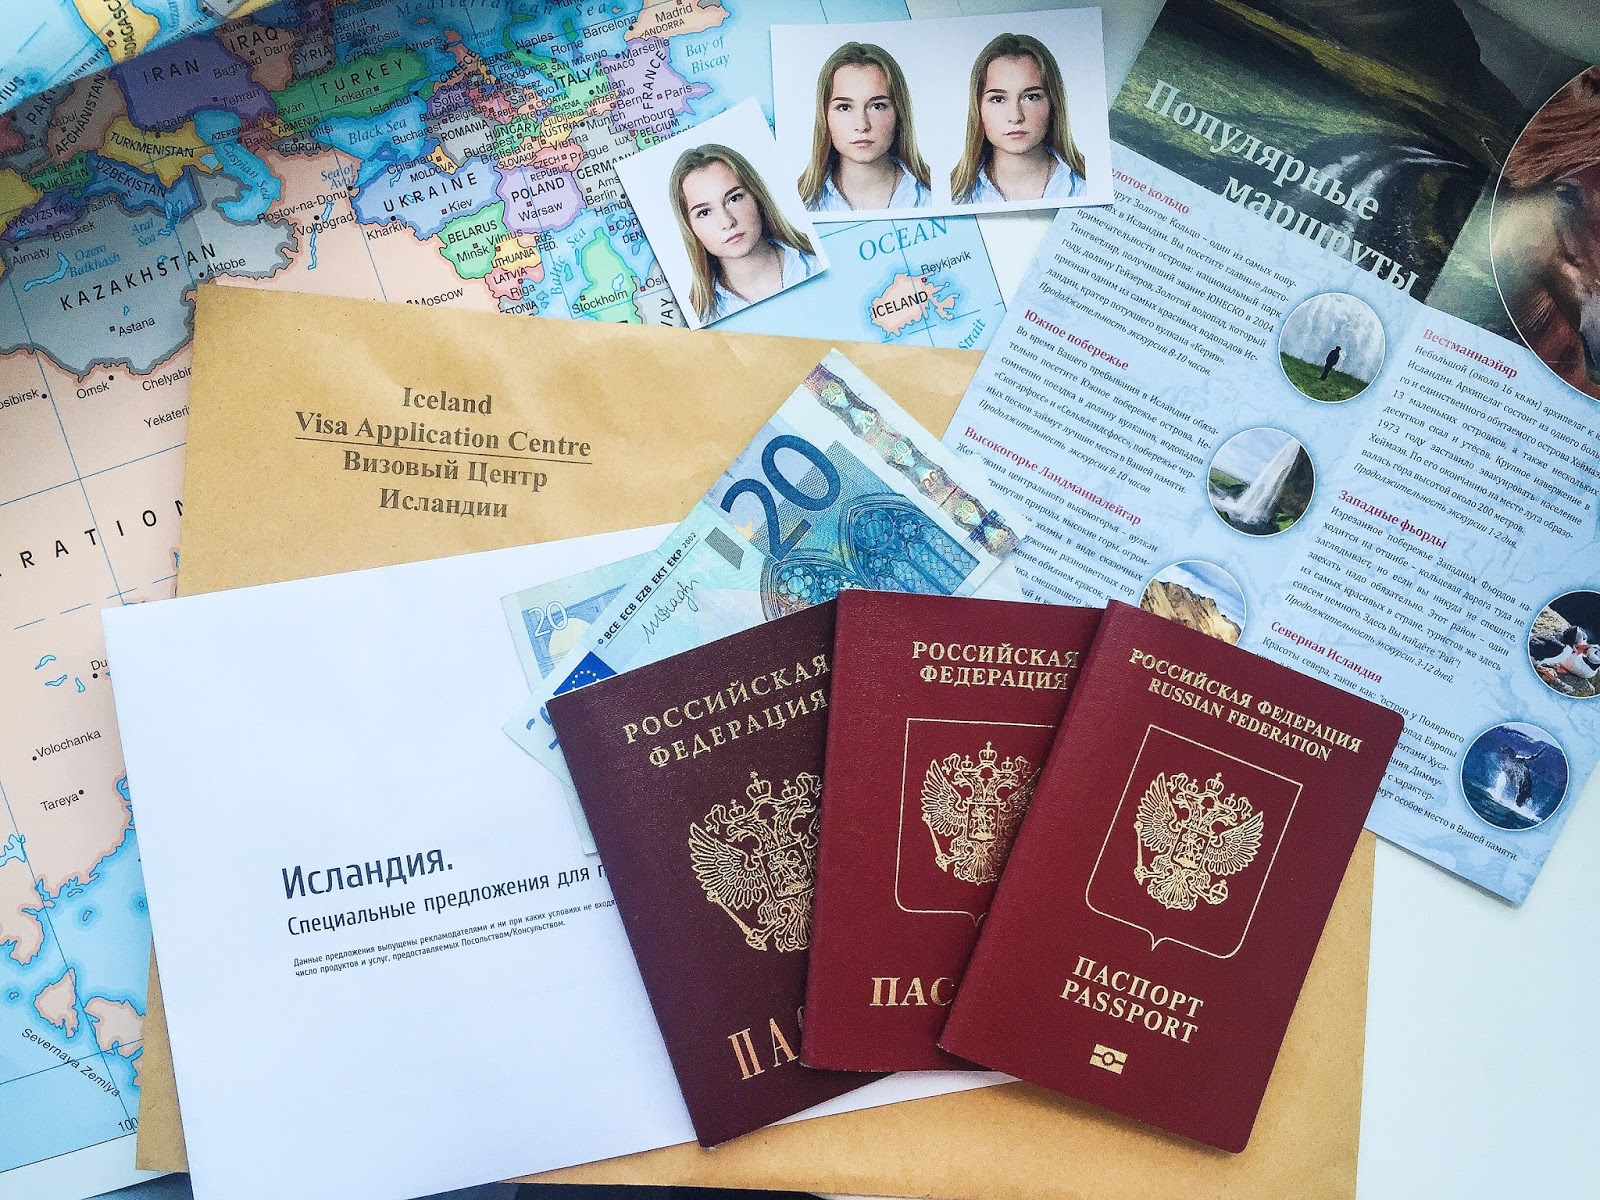 Что представляет собой анкета на визу в Исландию в 2019 году